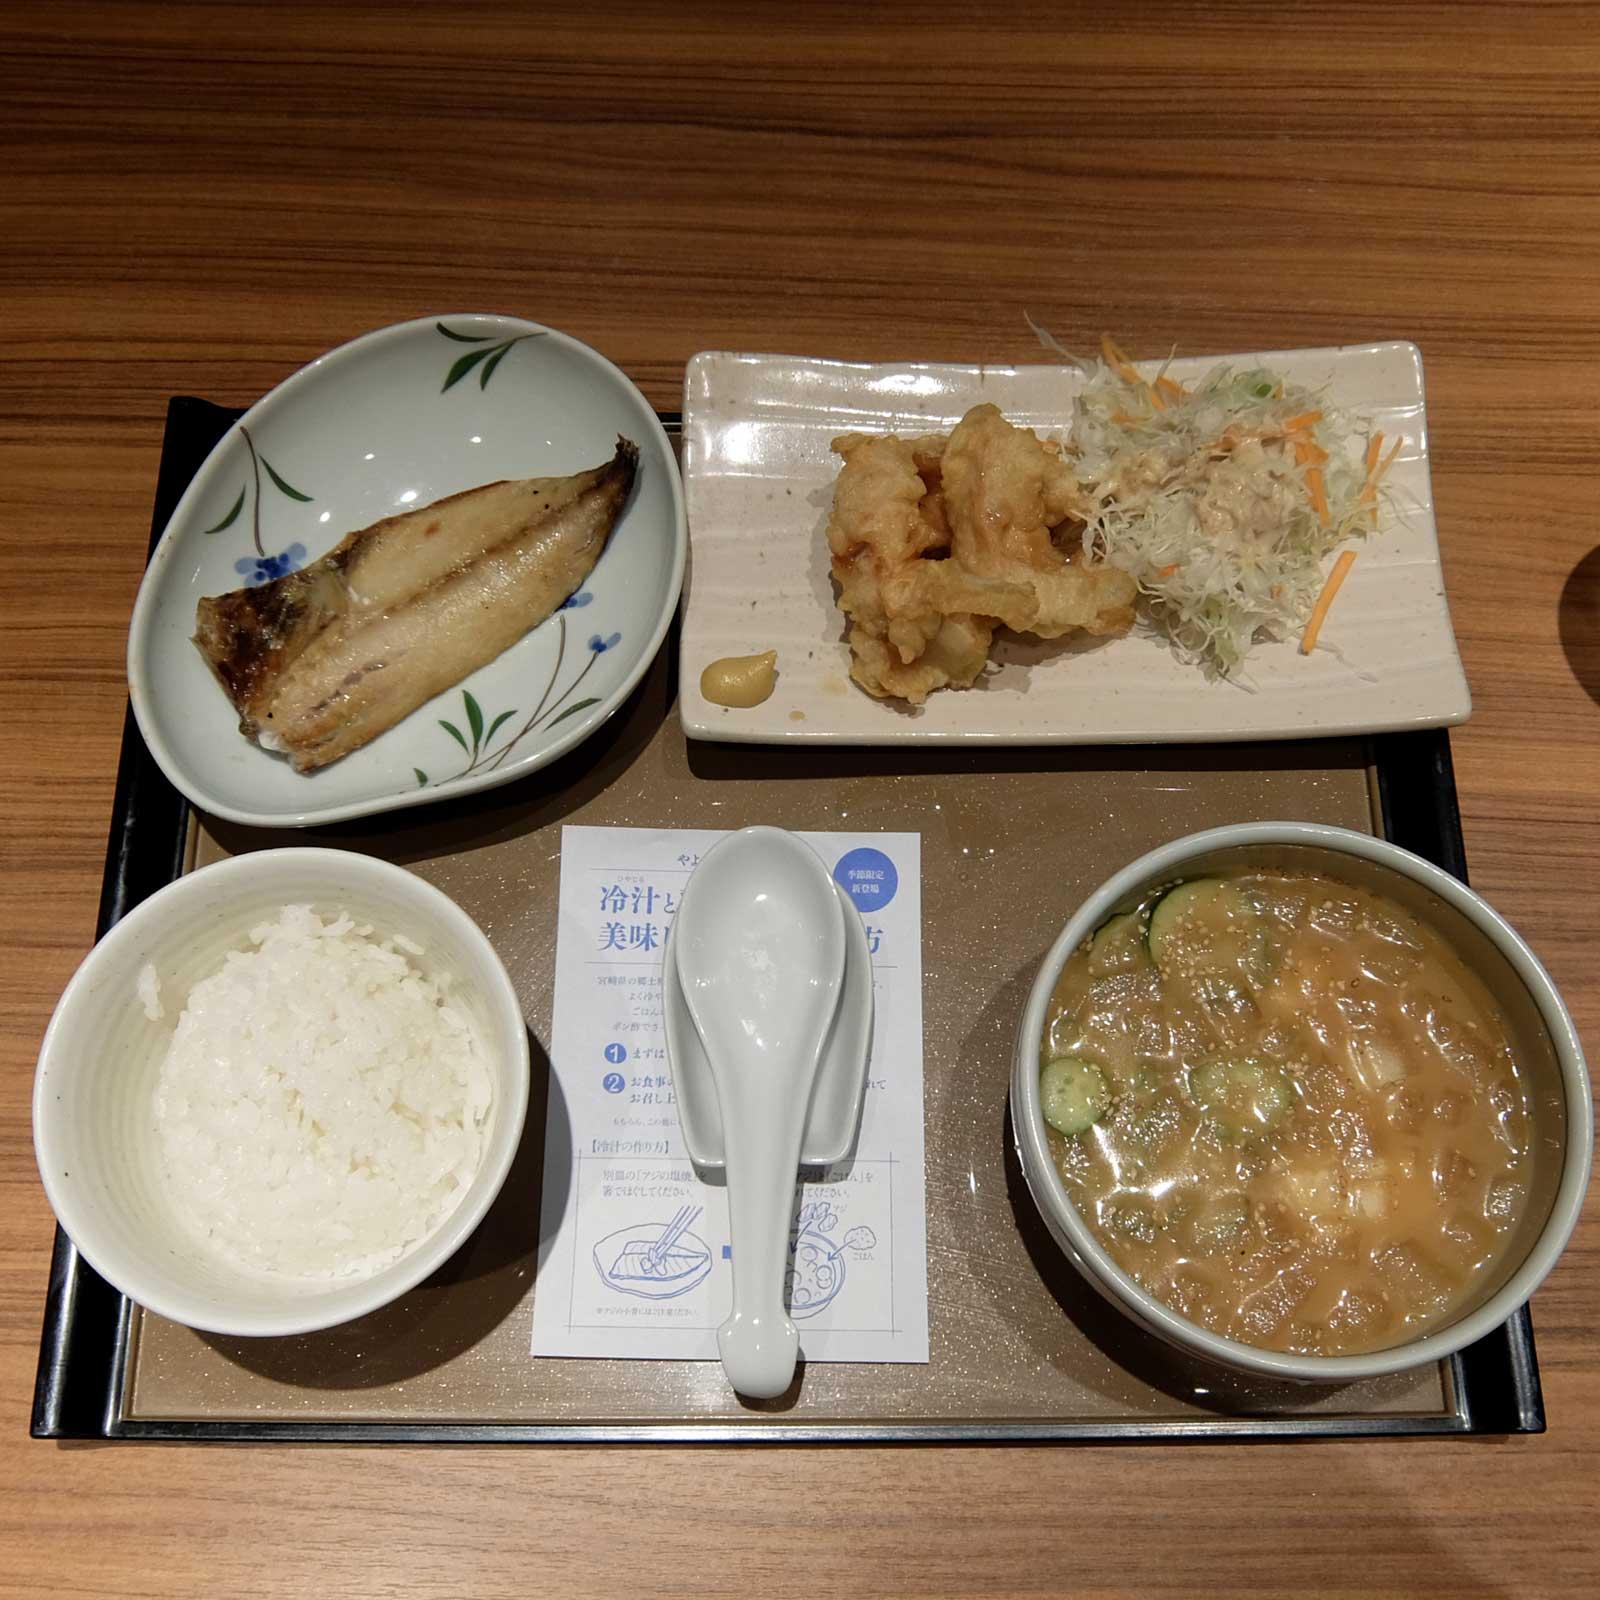 やよい軒 ユニゾ梅田店 冷汁と鶏天の定食 梅田 大阪